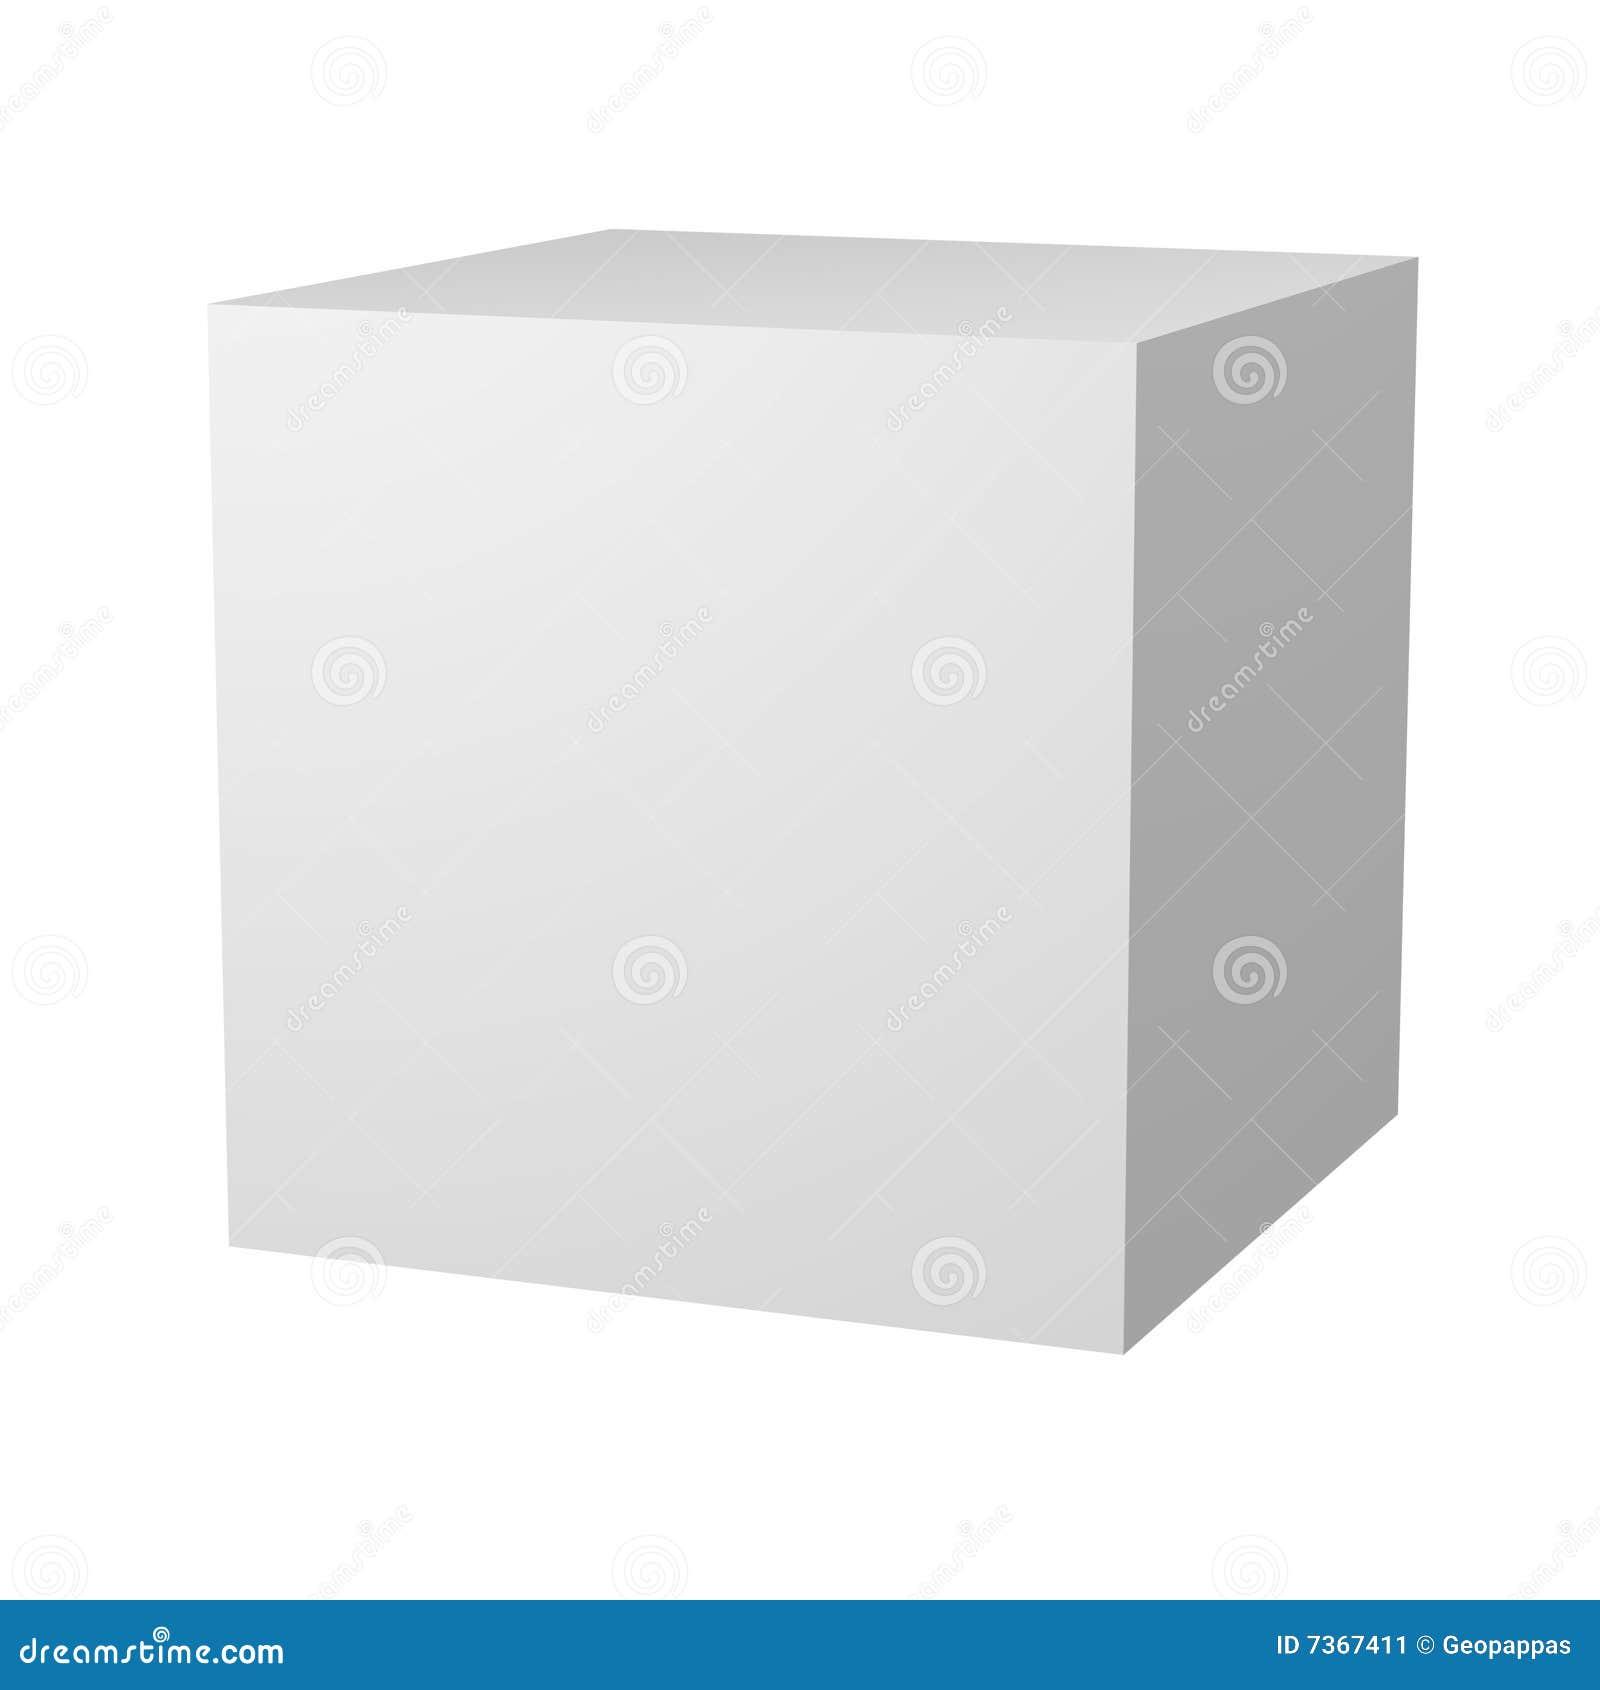 Plain Blank White Box Packaging Stock Illustration ...